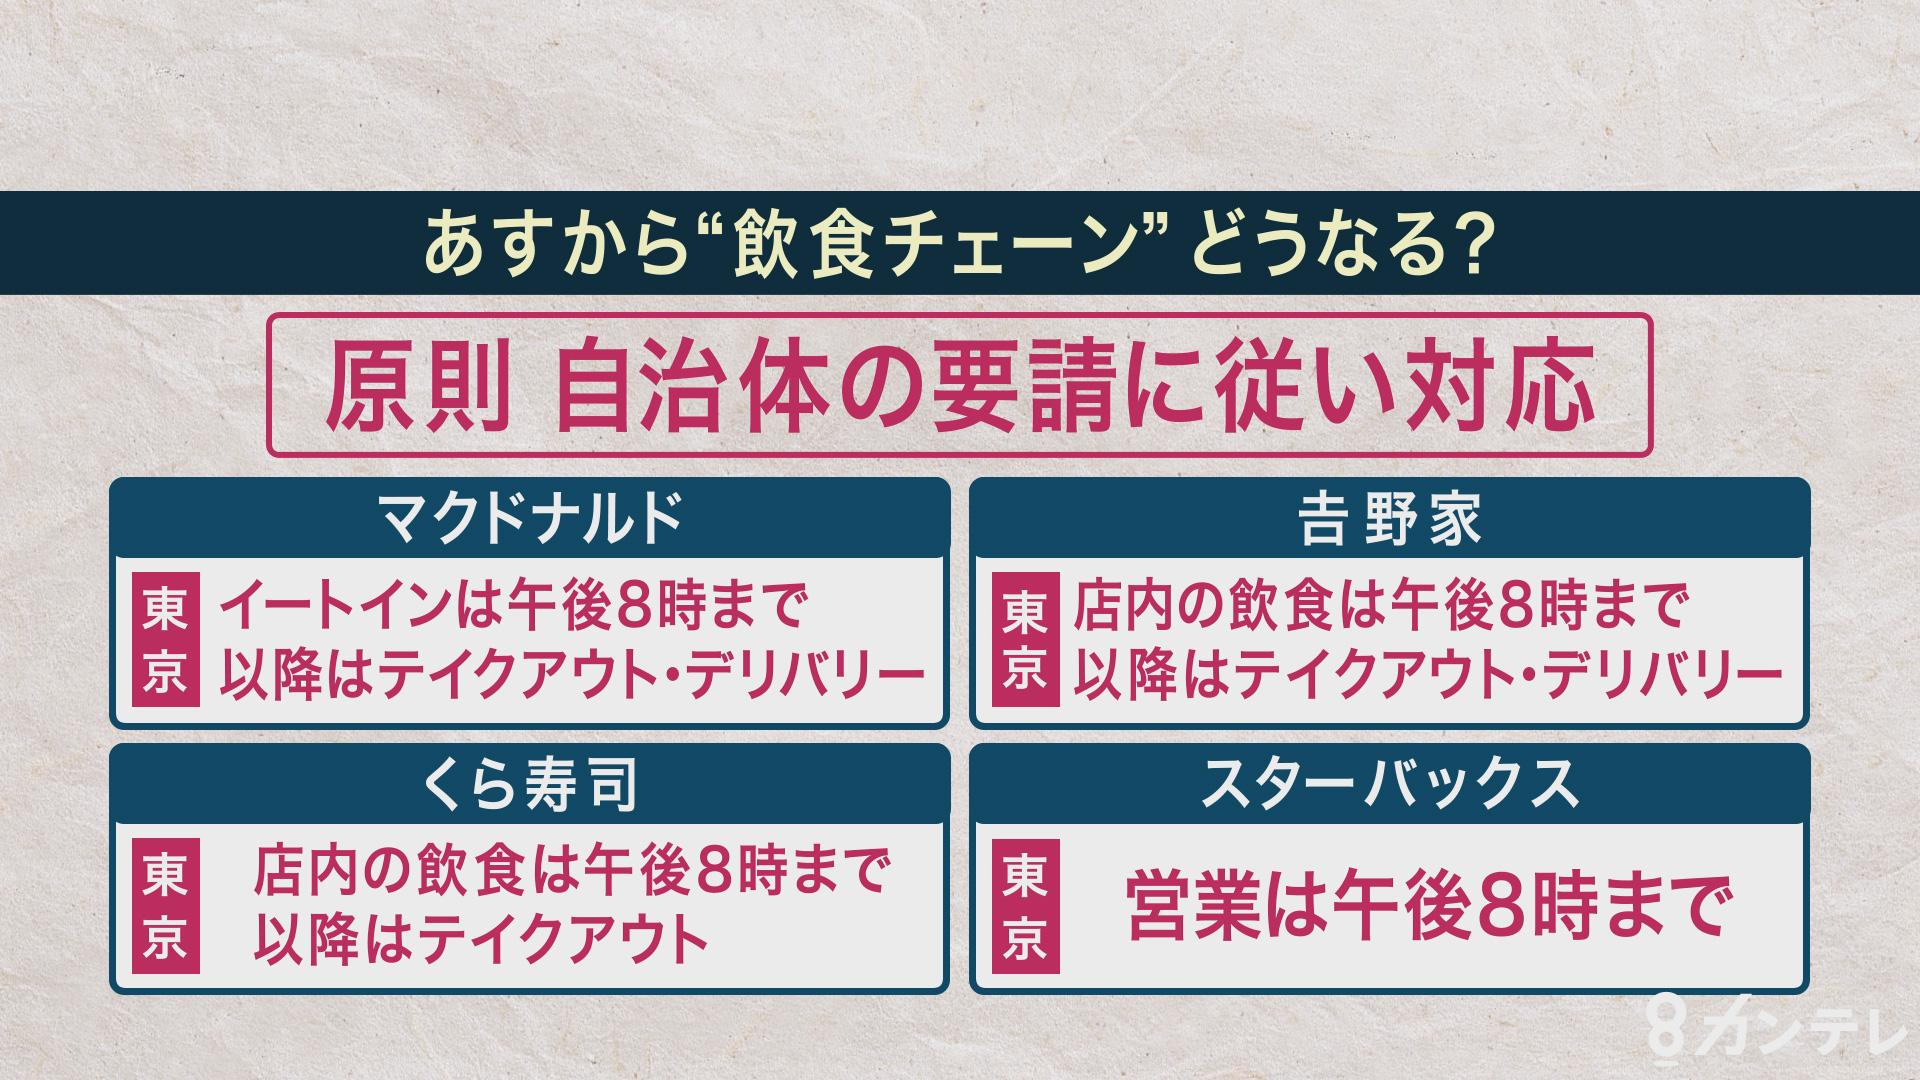 緊急事態宣言の発令で…飲食チェーンは? 東京を参考にみると…